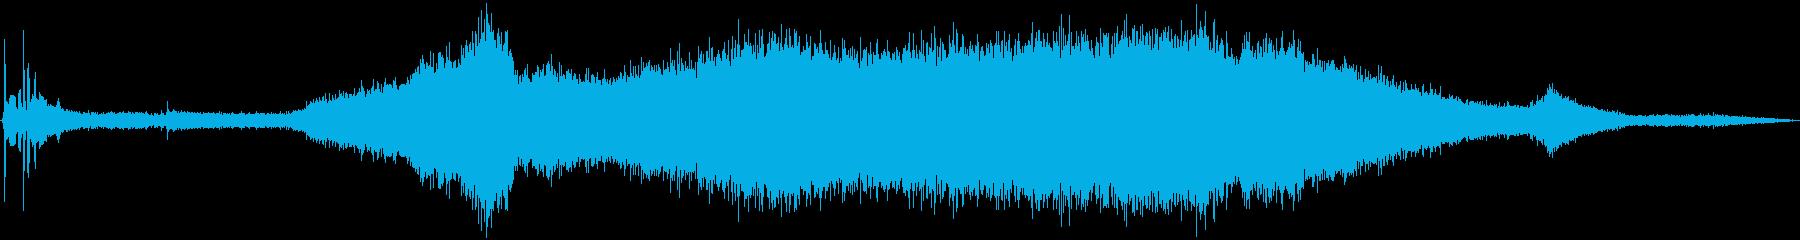 シボレーカマロ:内線:開始、アイド...の再生済みの波形